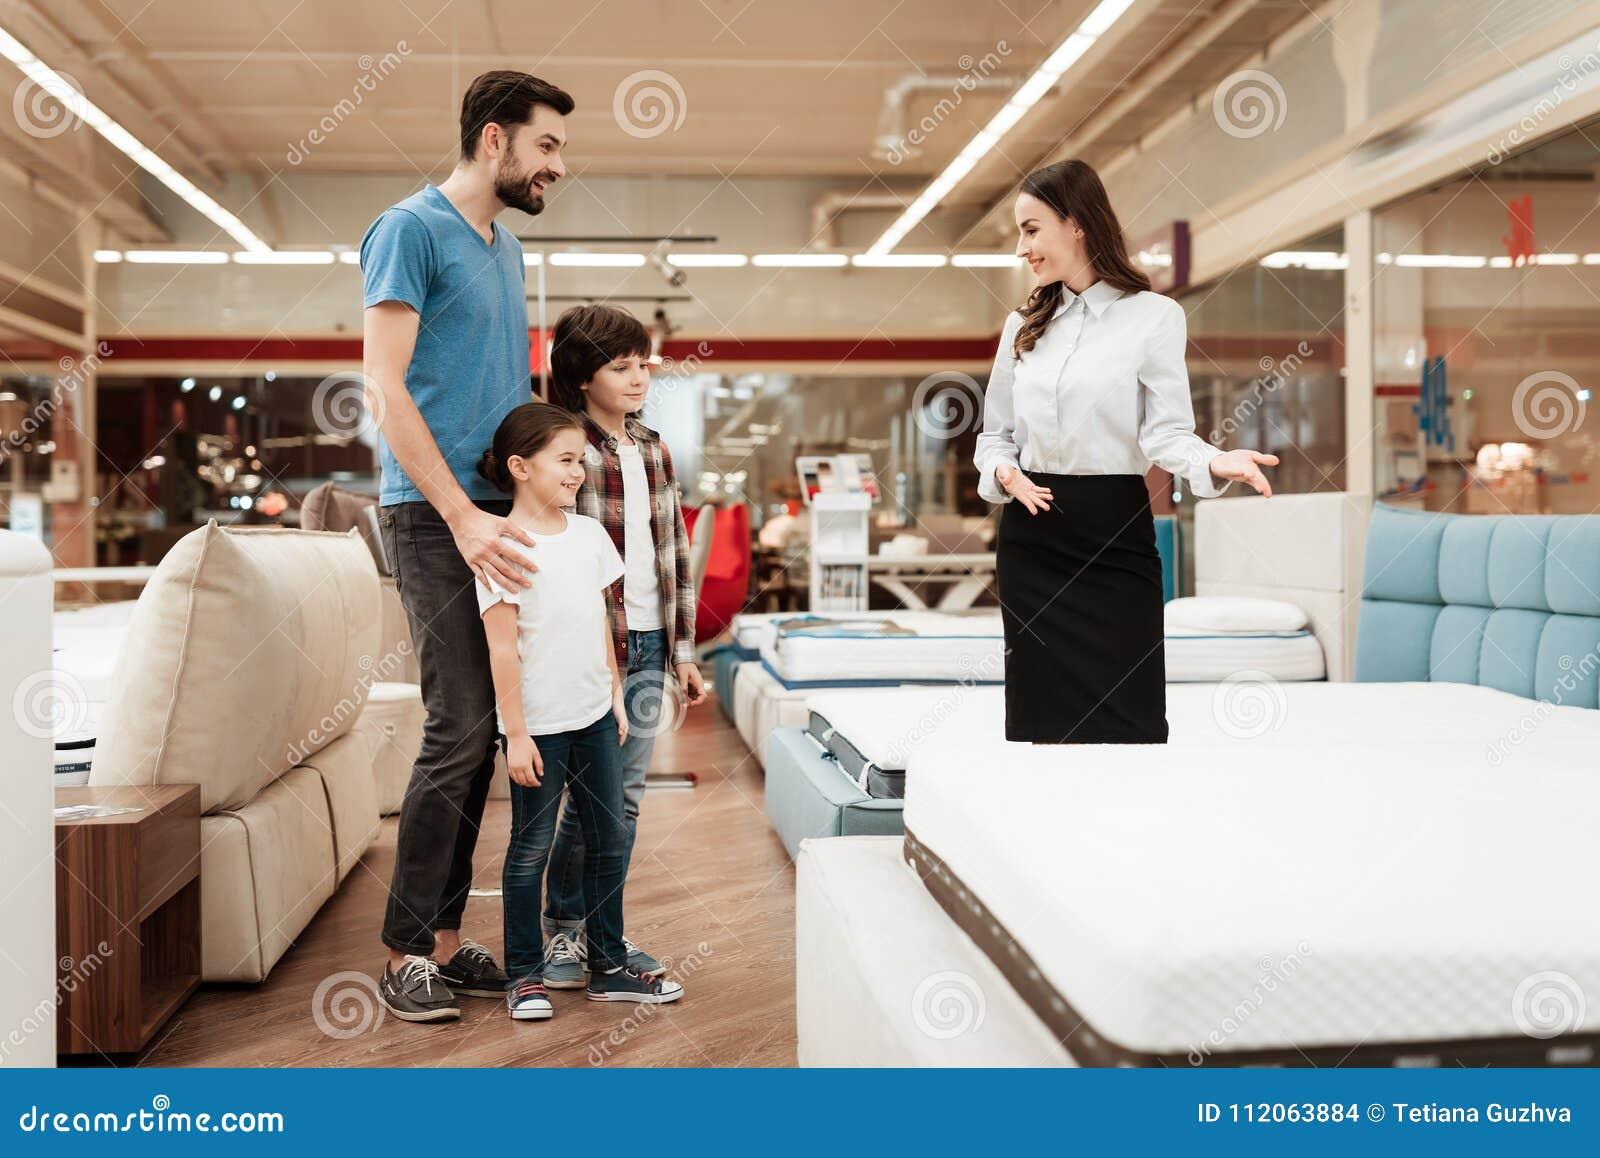 Le consultant en matière de jeune fille démontre le matelas orthopédique au jeune père avec des enfants dans le magasin de meuble